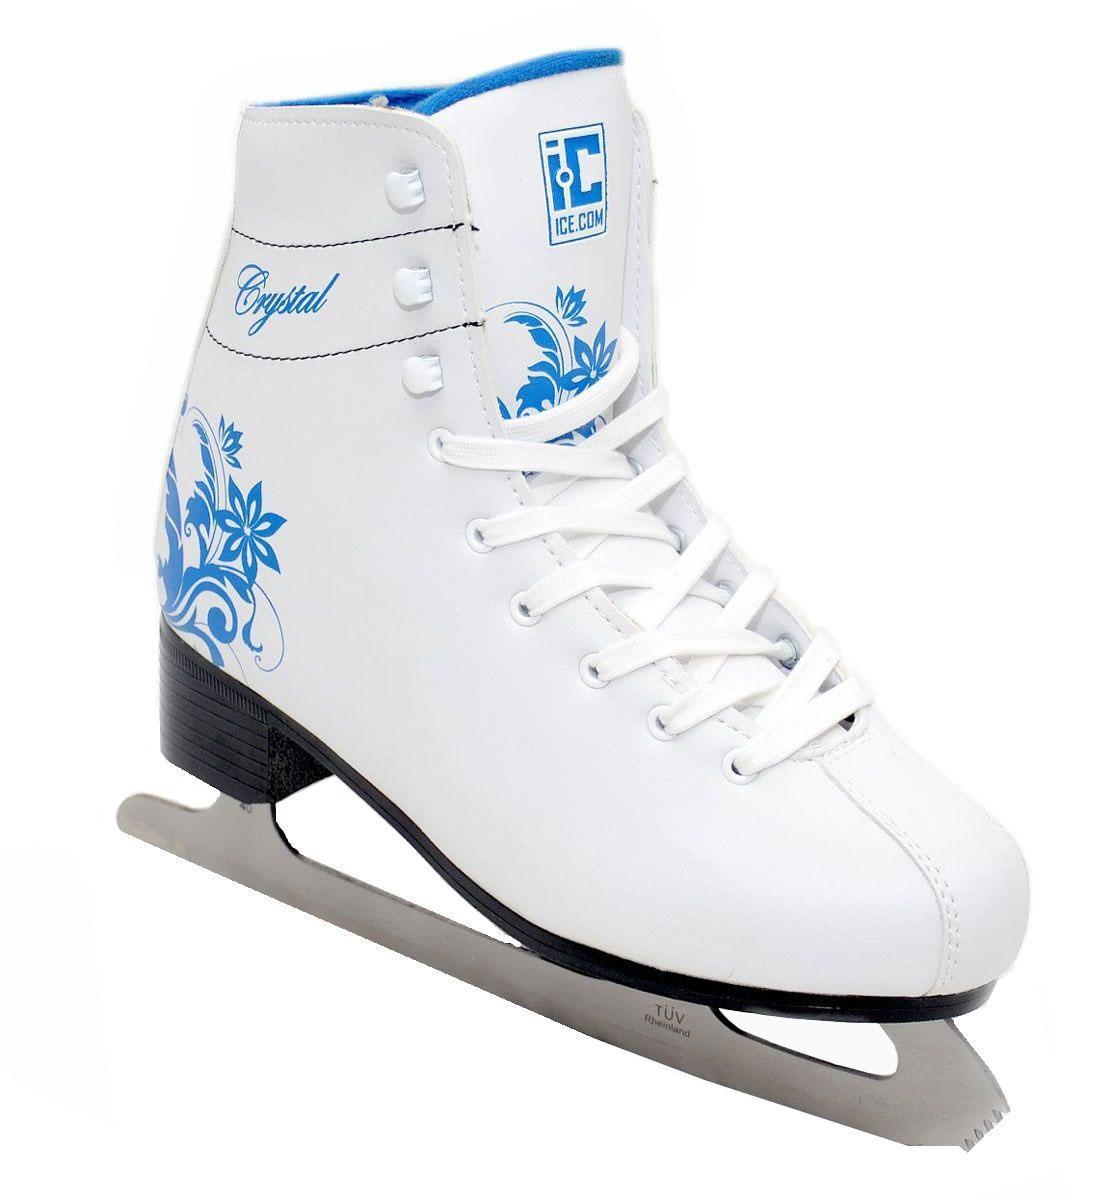 Коньки фигурные женские Ice.Com Crystal 2014-2015, цвет: синий, белый. Размер 42